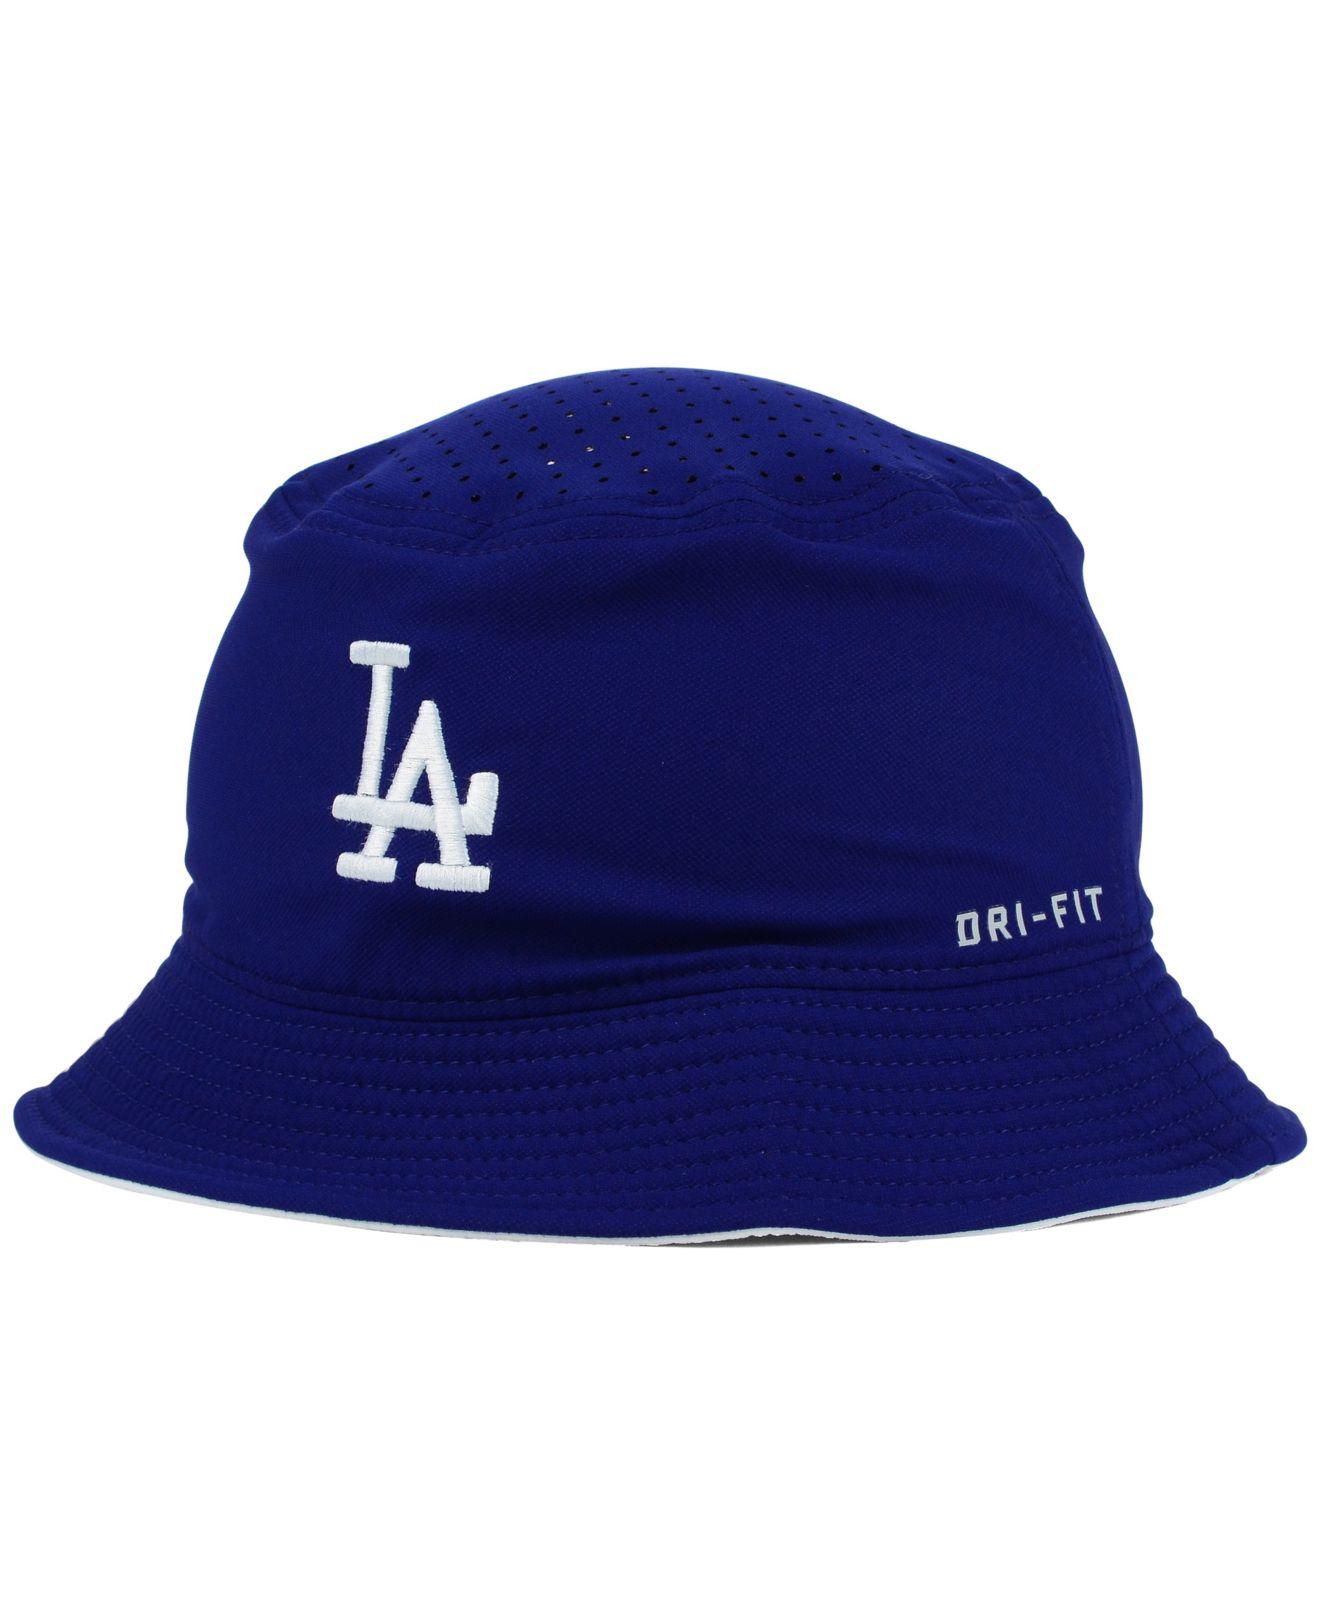 Lyst - Nike Los Angeles Dodgers Vapor Dri-fit Bucket Hat in Blue for Men 546935d0129